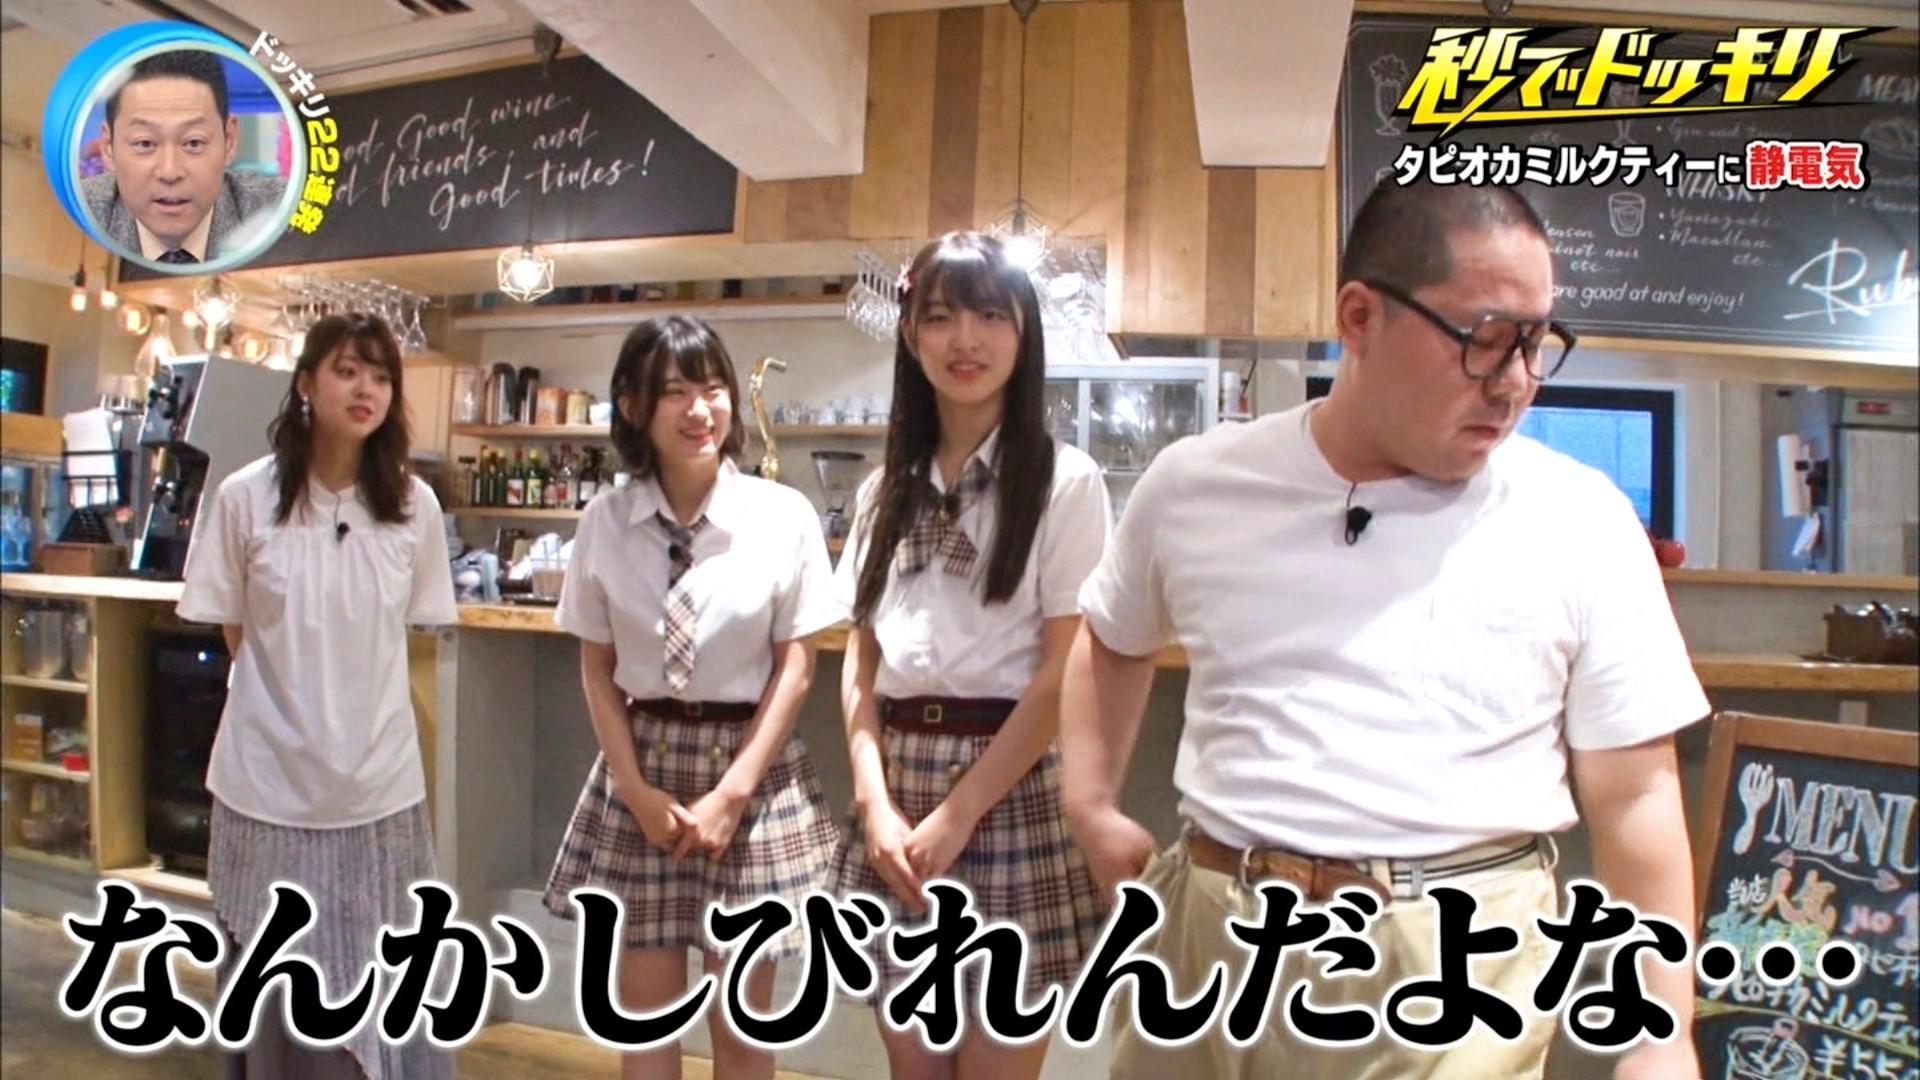 2019年11月30日にフジテレビ系列でほうそうされた「芸能人が本気で考えた!ドッキリGP」に出演したNMB48上西怜・大田莉央奈の画像-034